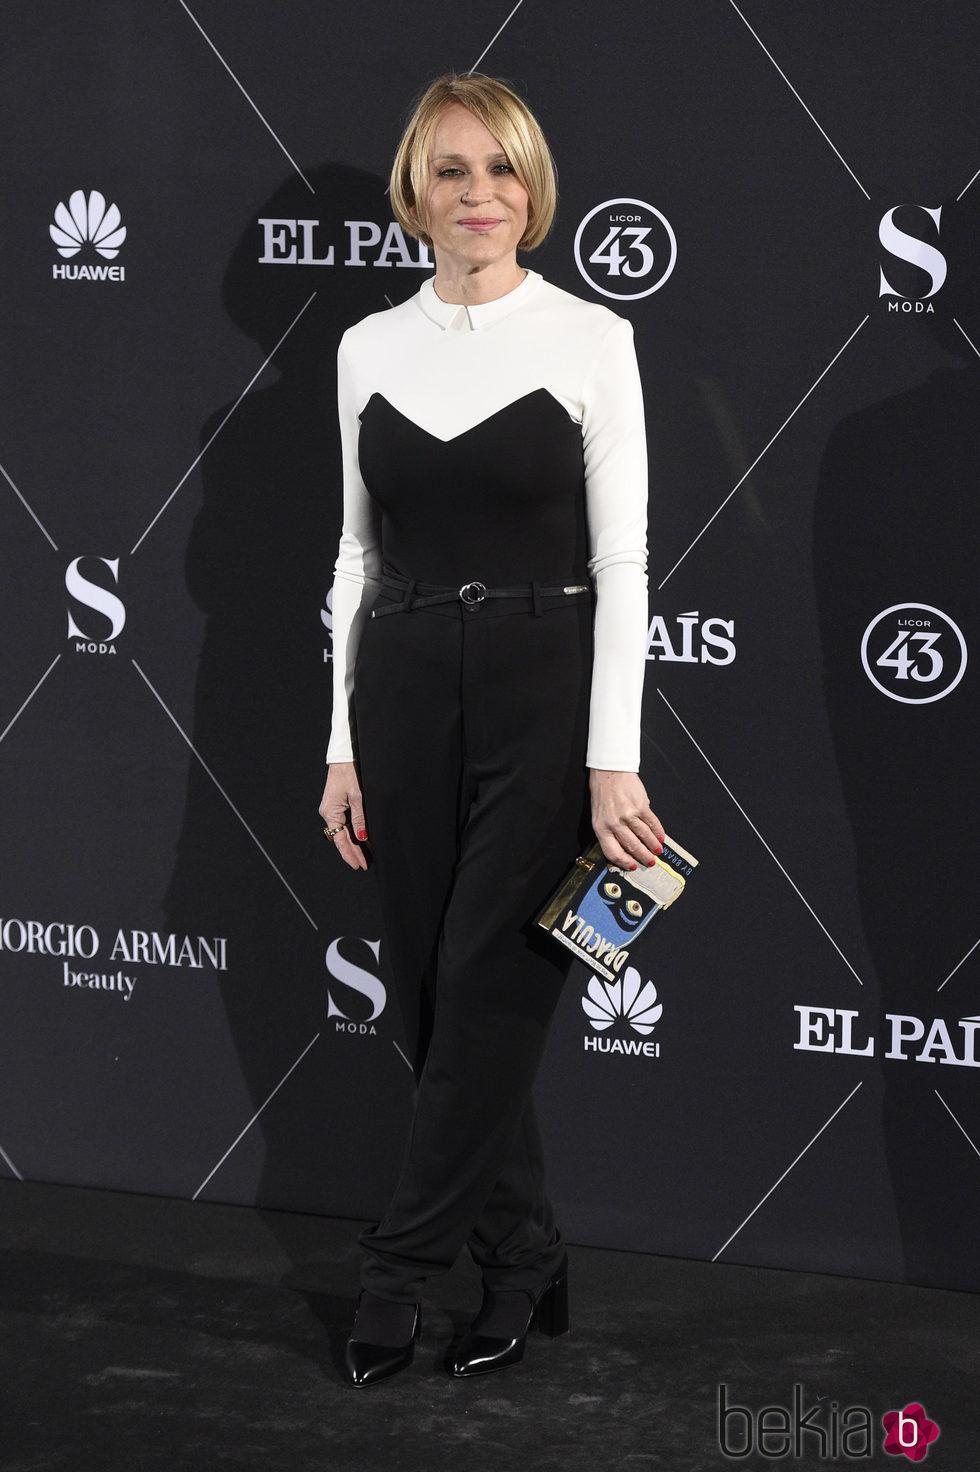 Antonia San Juan en la fiesta de S Moda